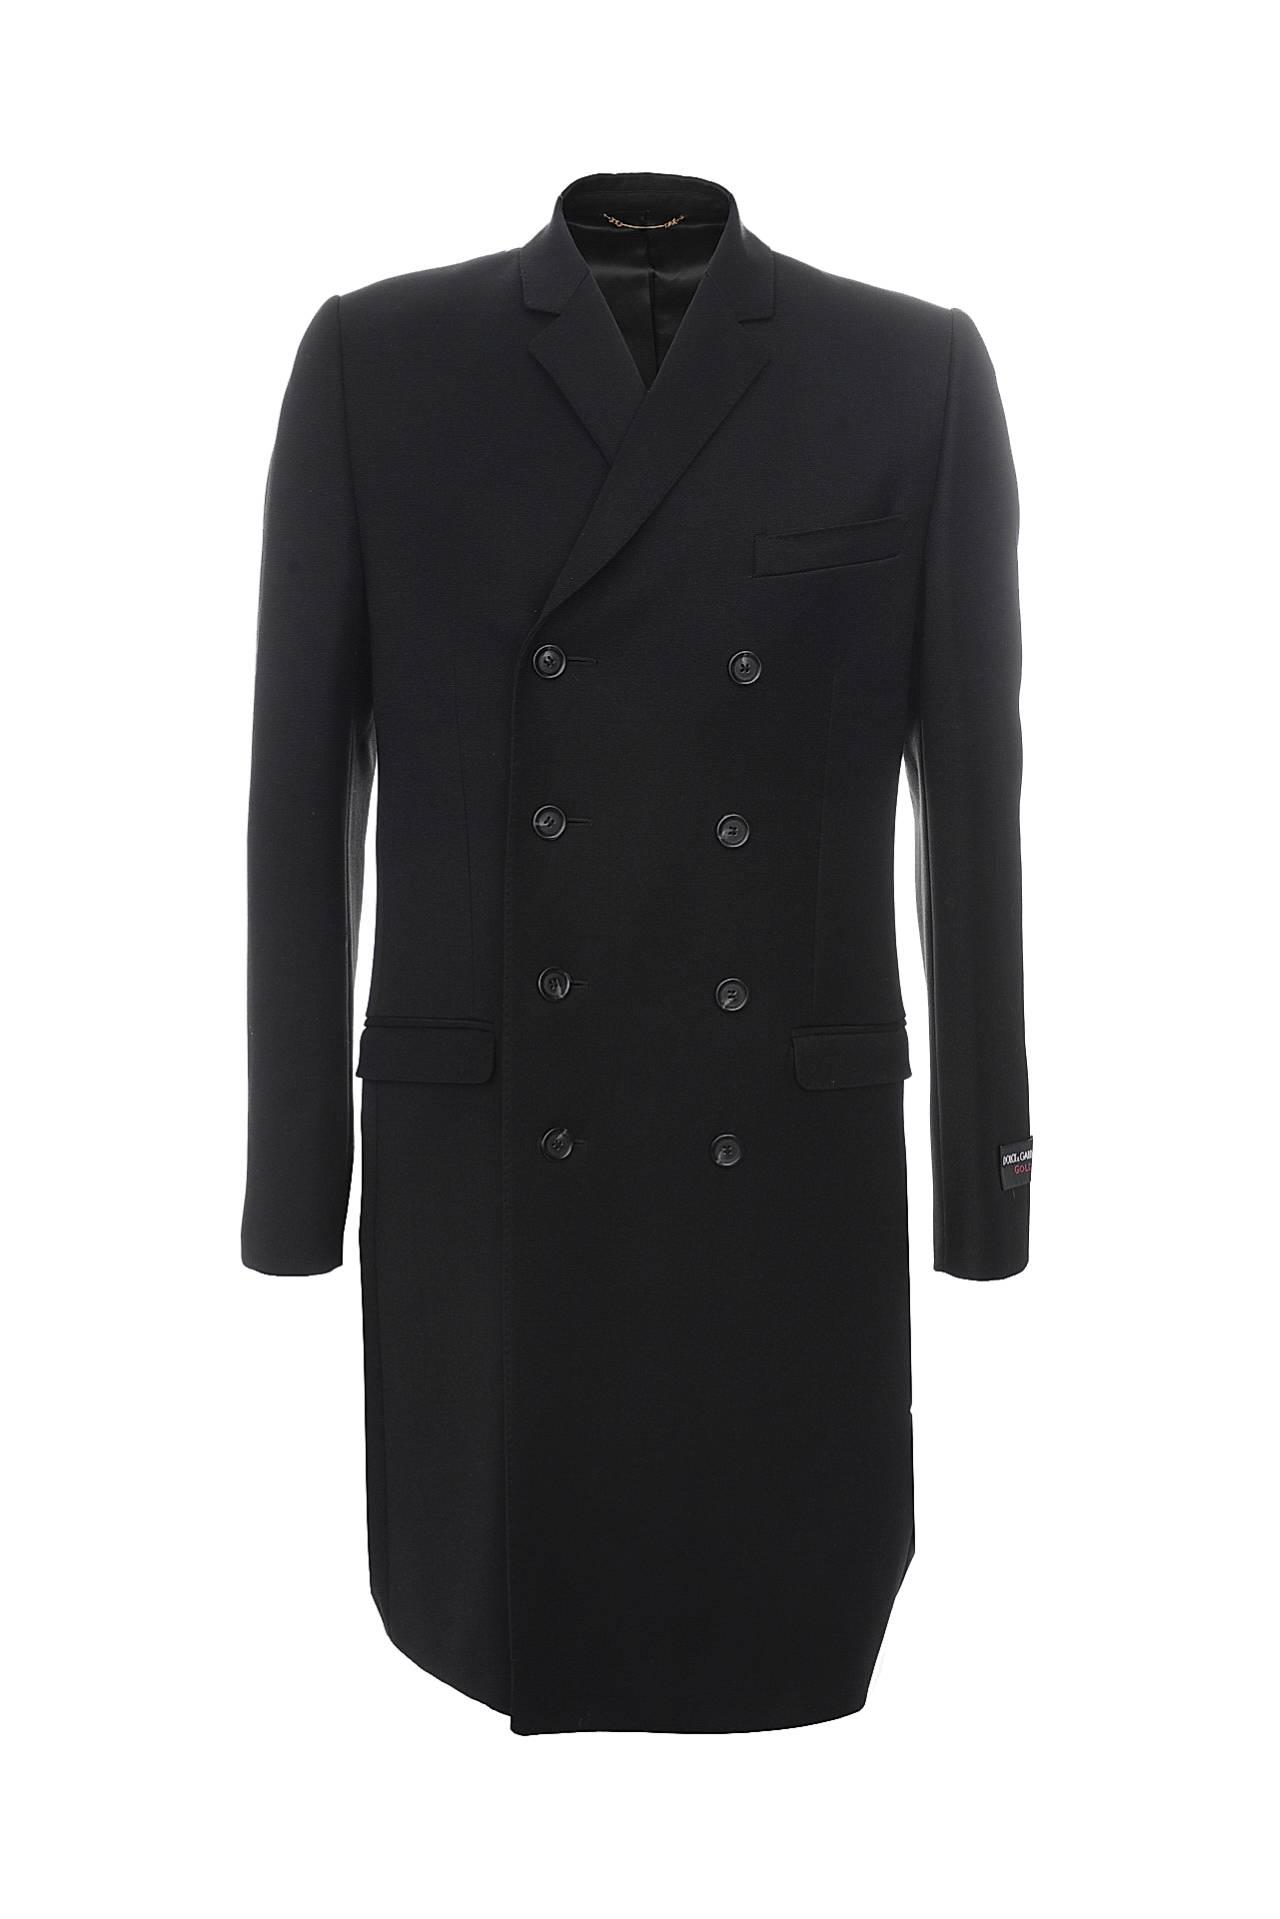 матвейчук считает, мужское черное пальто фото обычных, стандартных